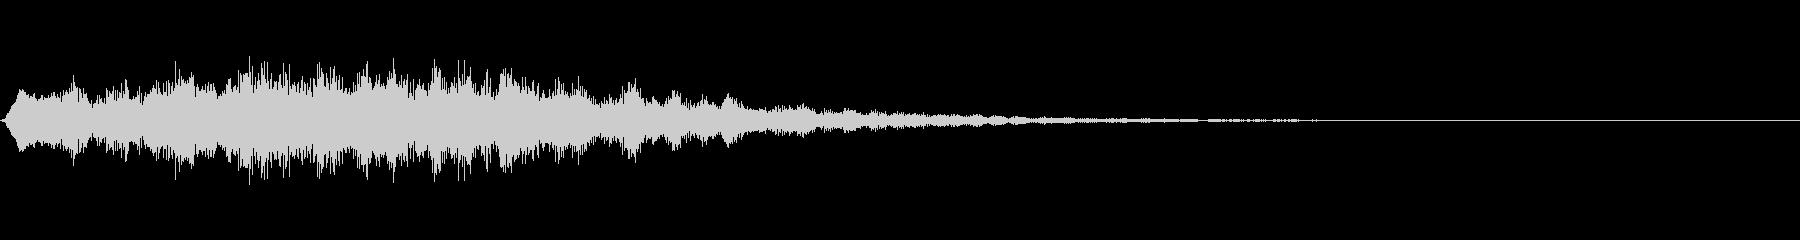 ぽわーん_低(セーブ/回復音)の未再生の波形